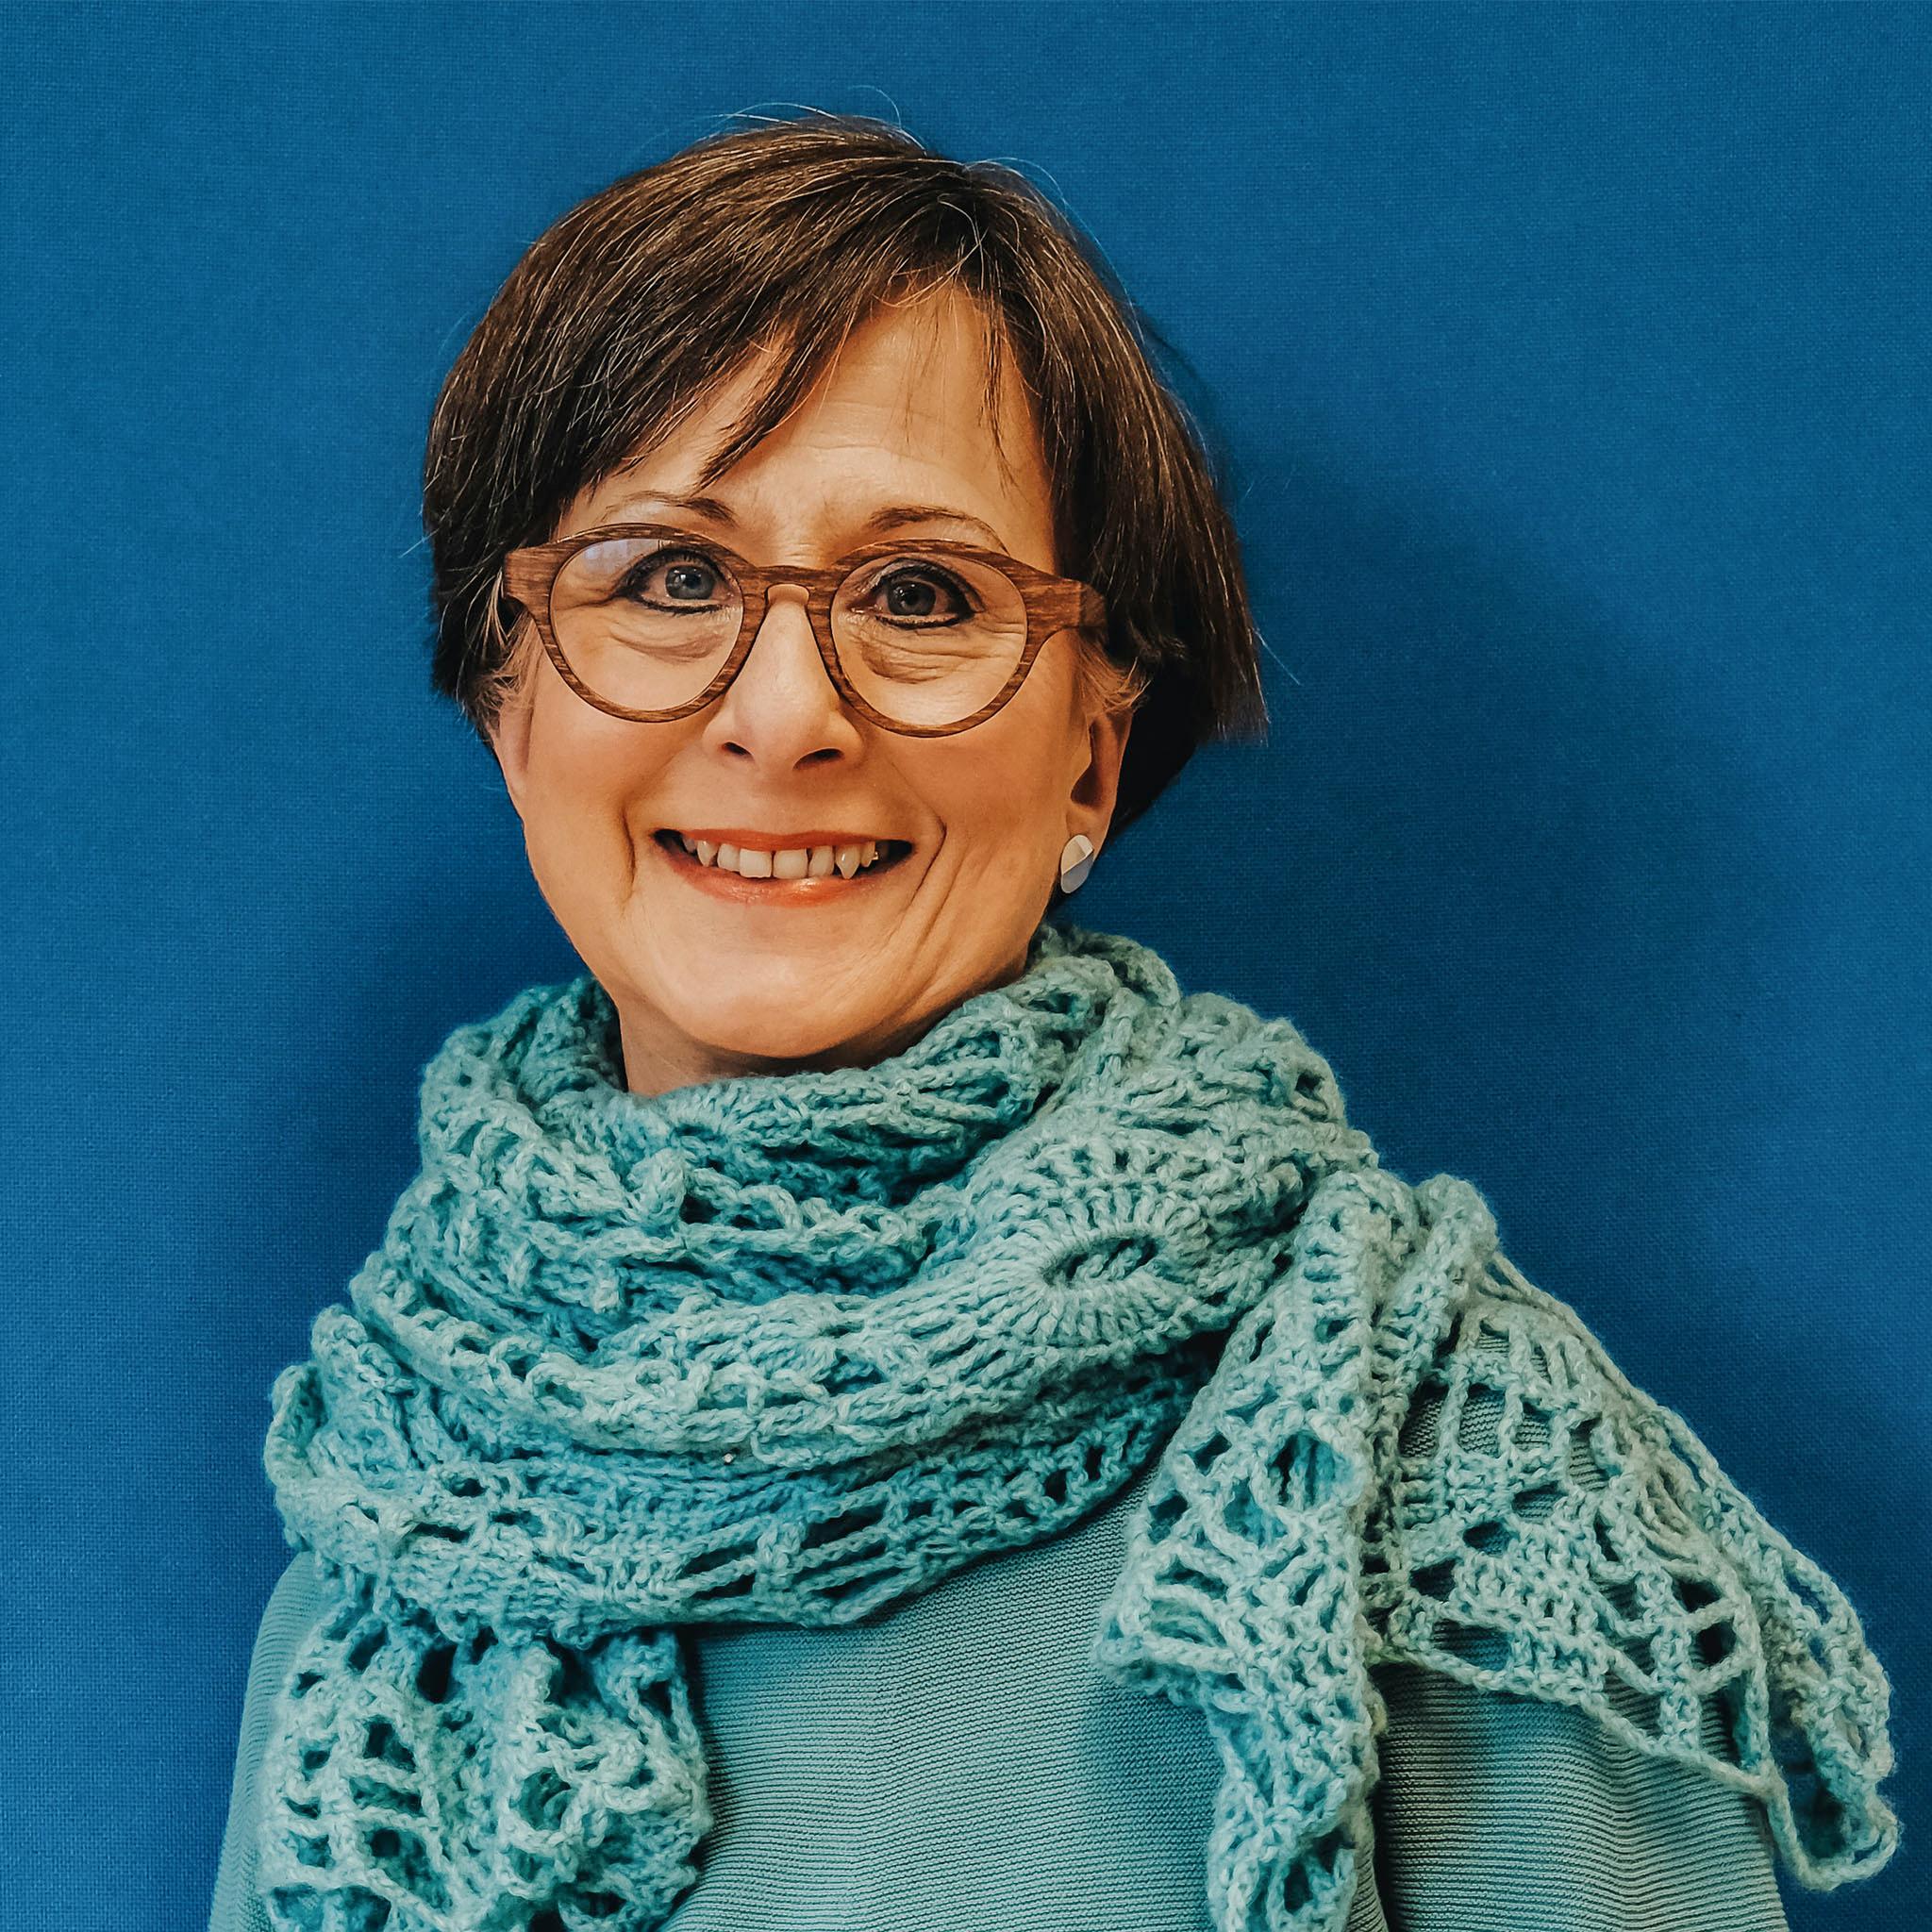 Eva-Maria Schäfer